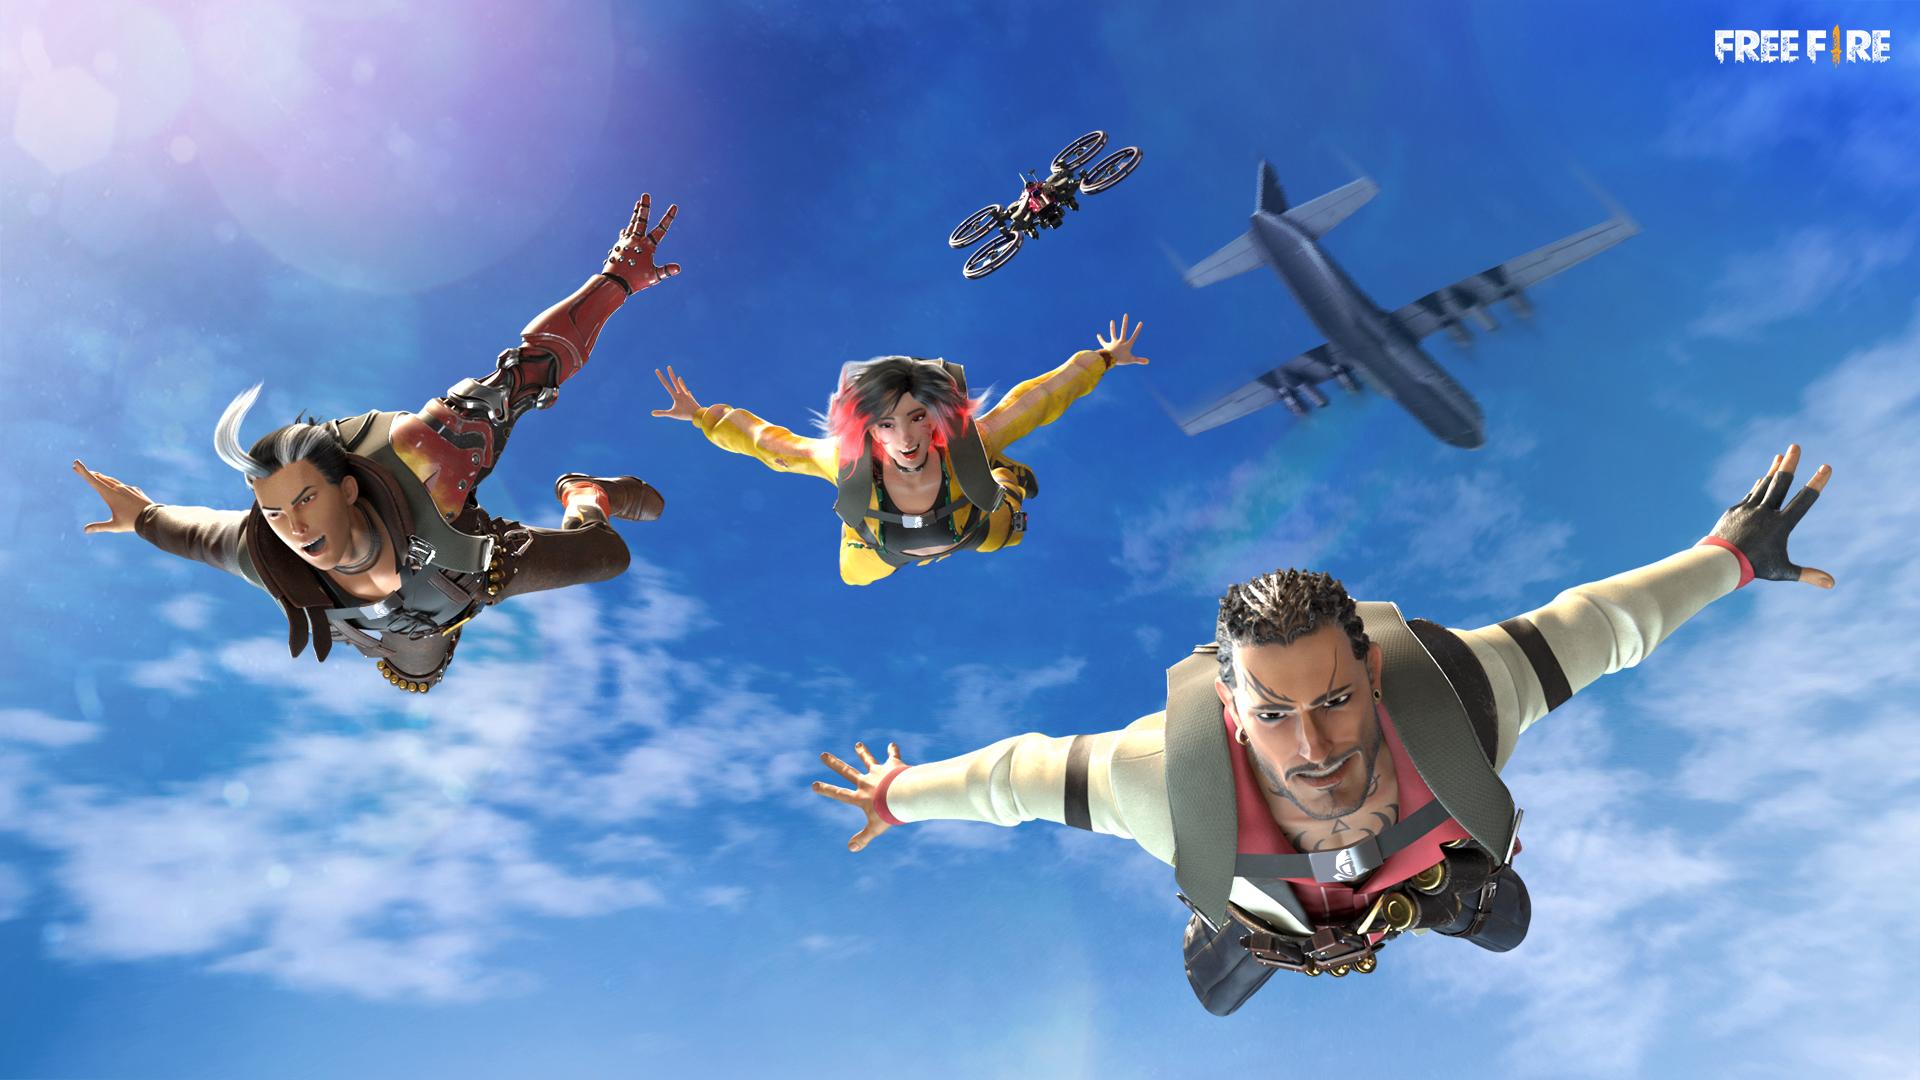 Ilustração de Free Fire com personagens pulando de um avião